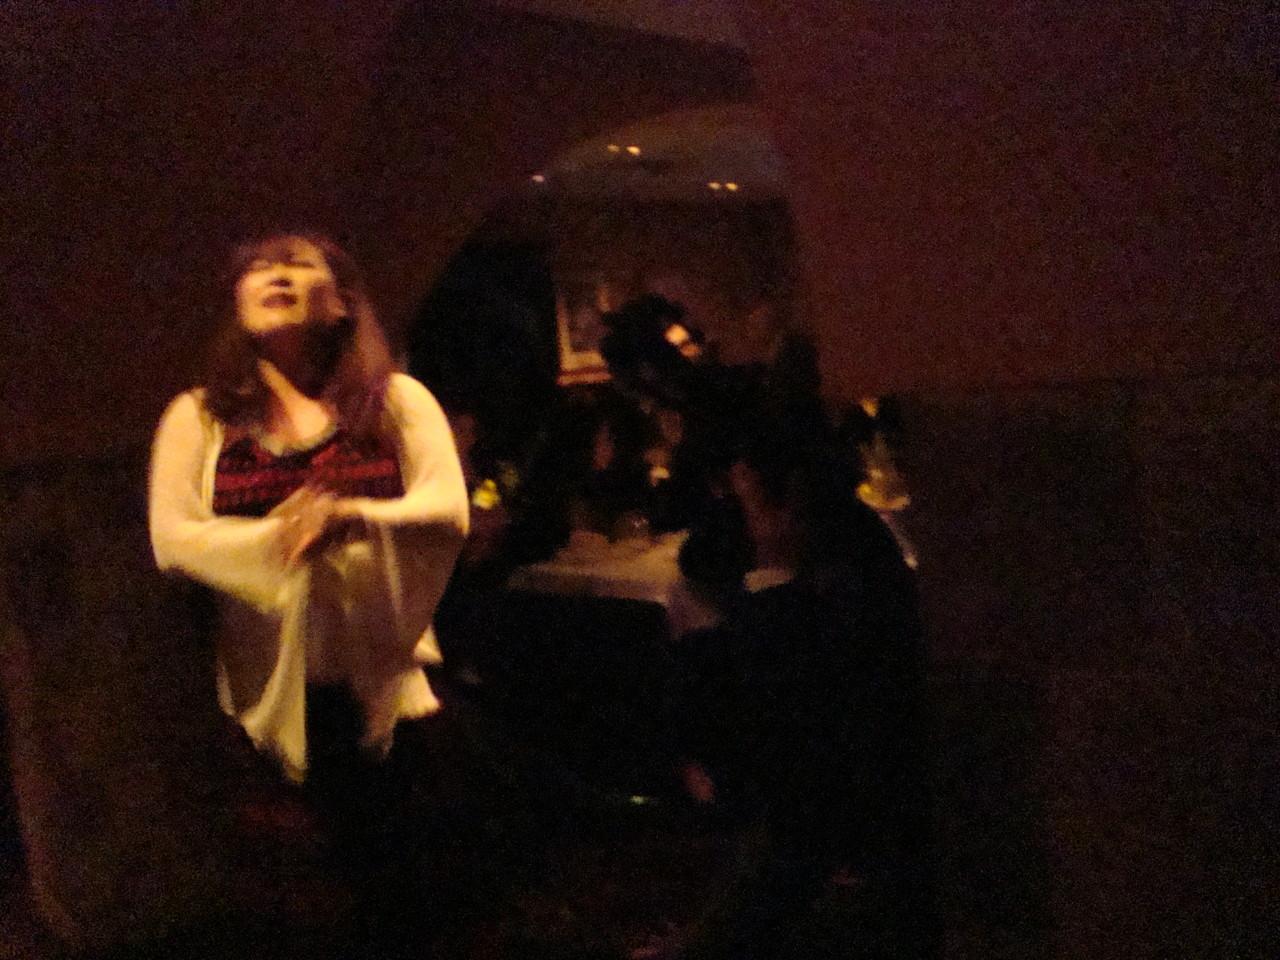 最終日はレニータ・ゼンティルさんの紹介でなんと O faia で3曲熱唱しました。